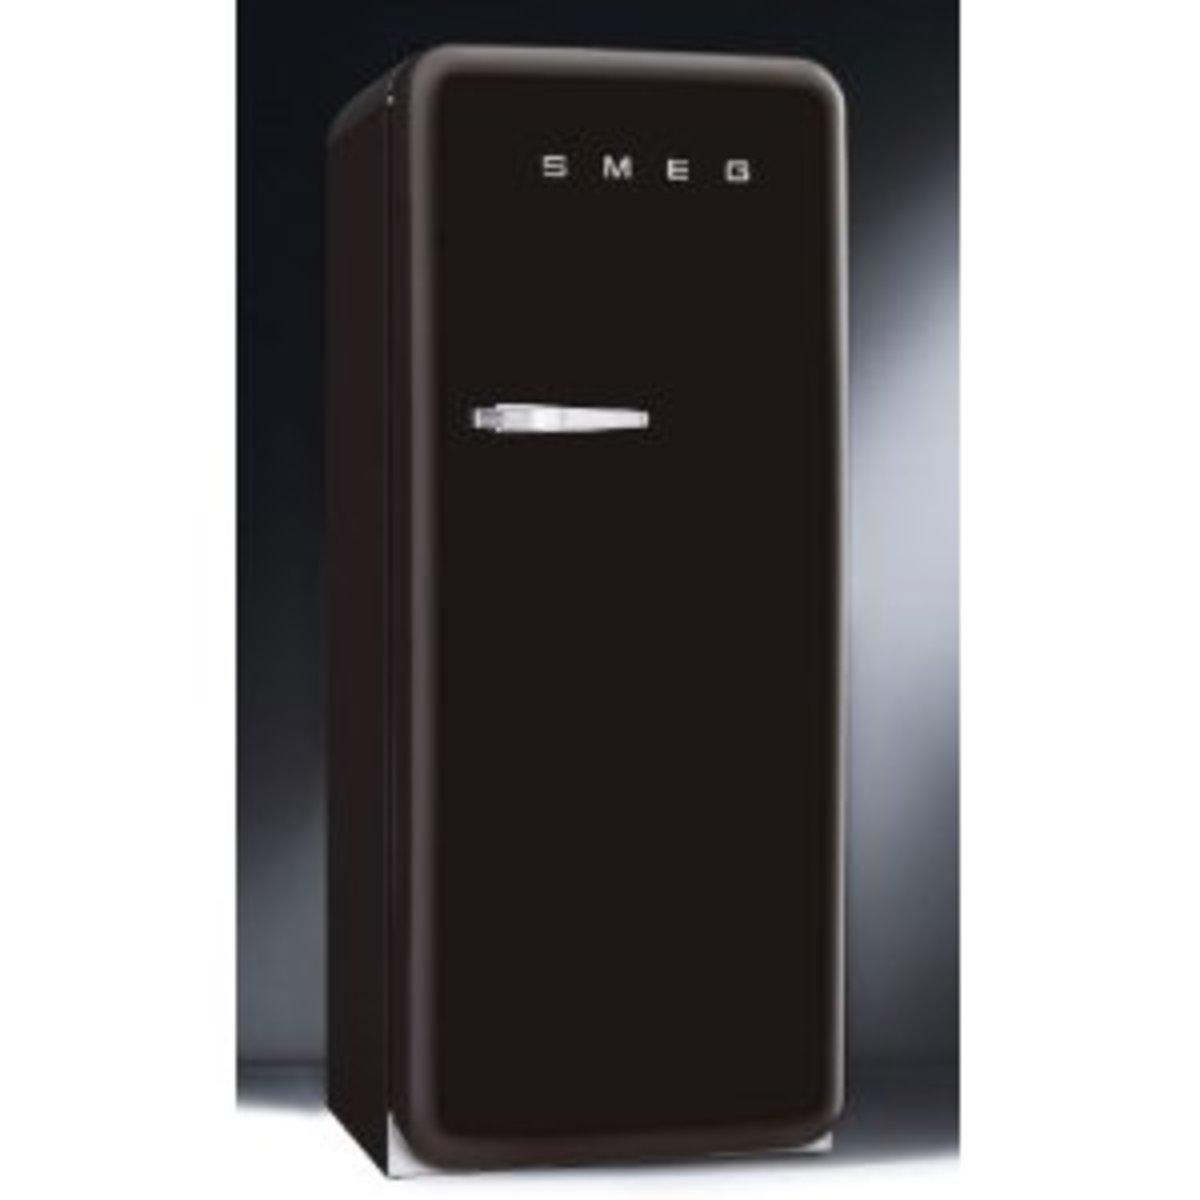 Black beauty - Smeg fridge